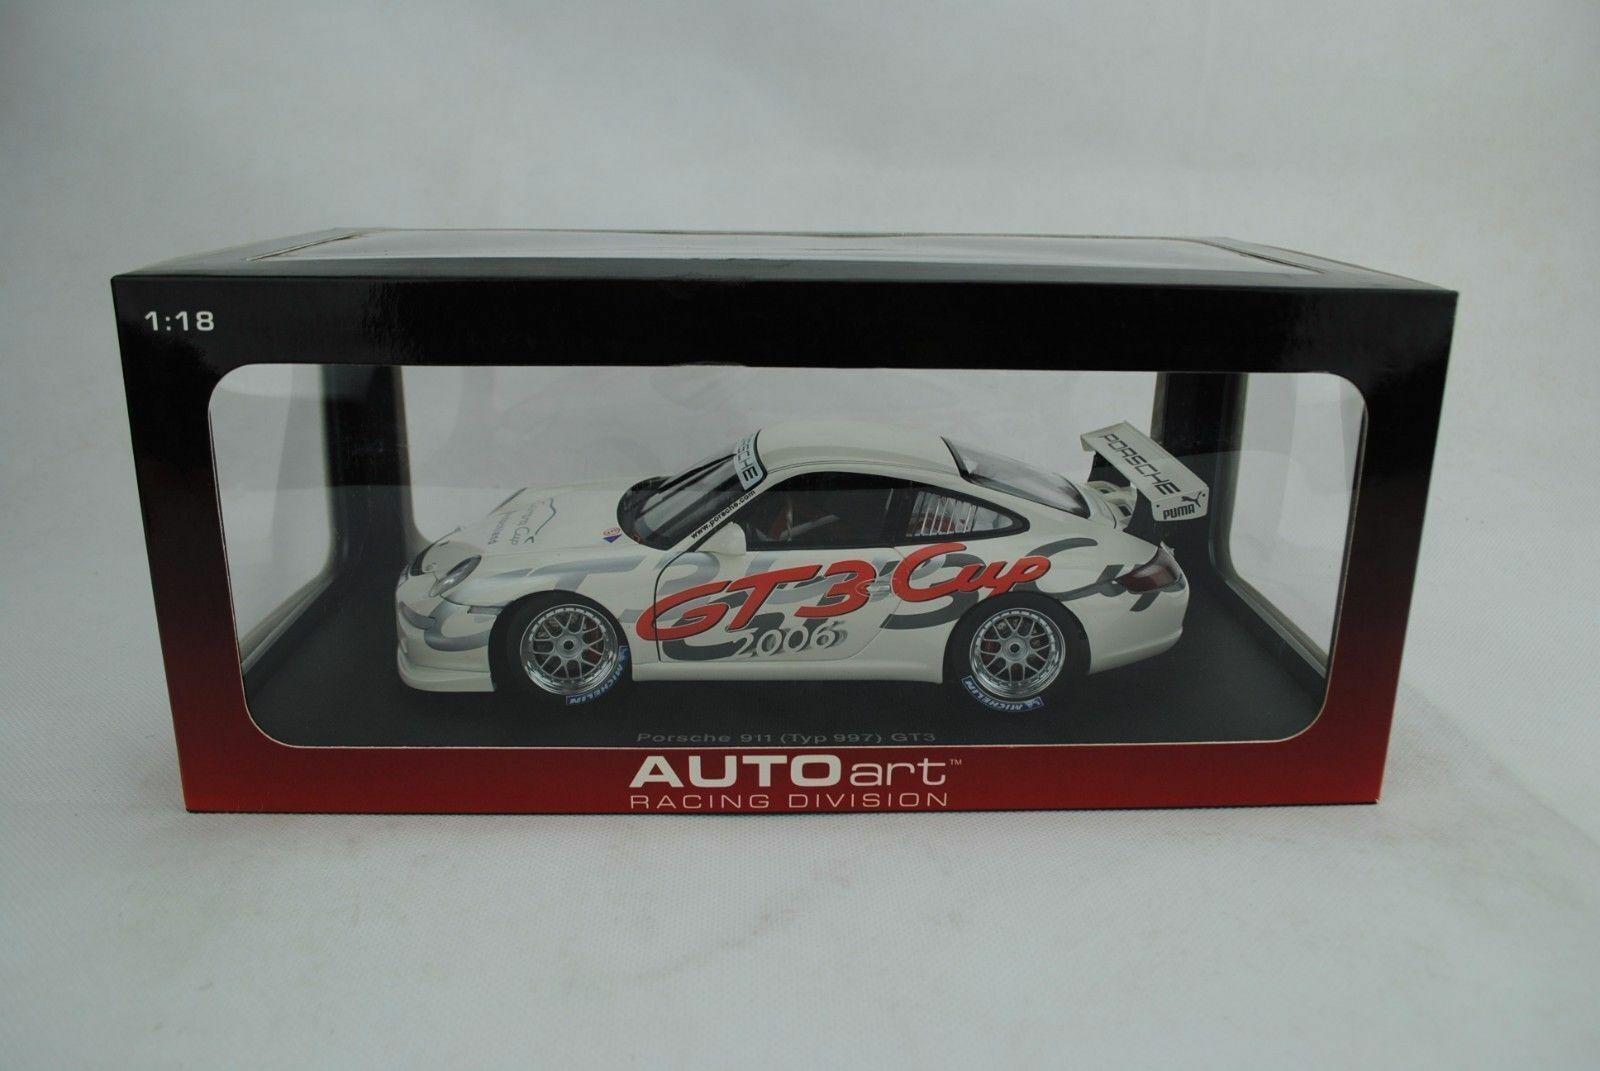 1 18 Autoart  80681 PORSCHE 911 (997) gt3 Cup 2006 Allemagne Nouveau Neuf dans sa boîte